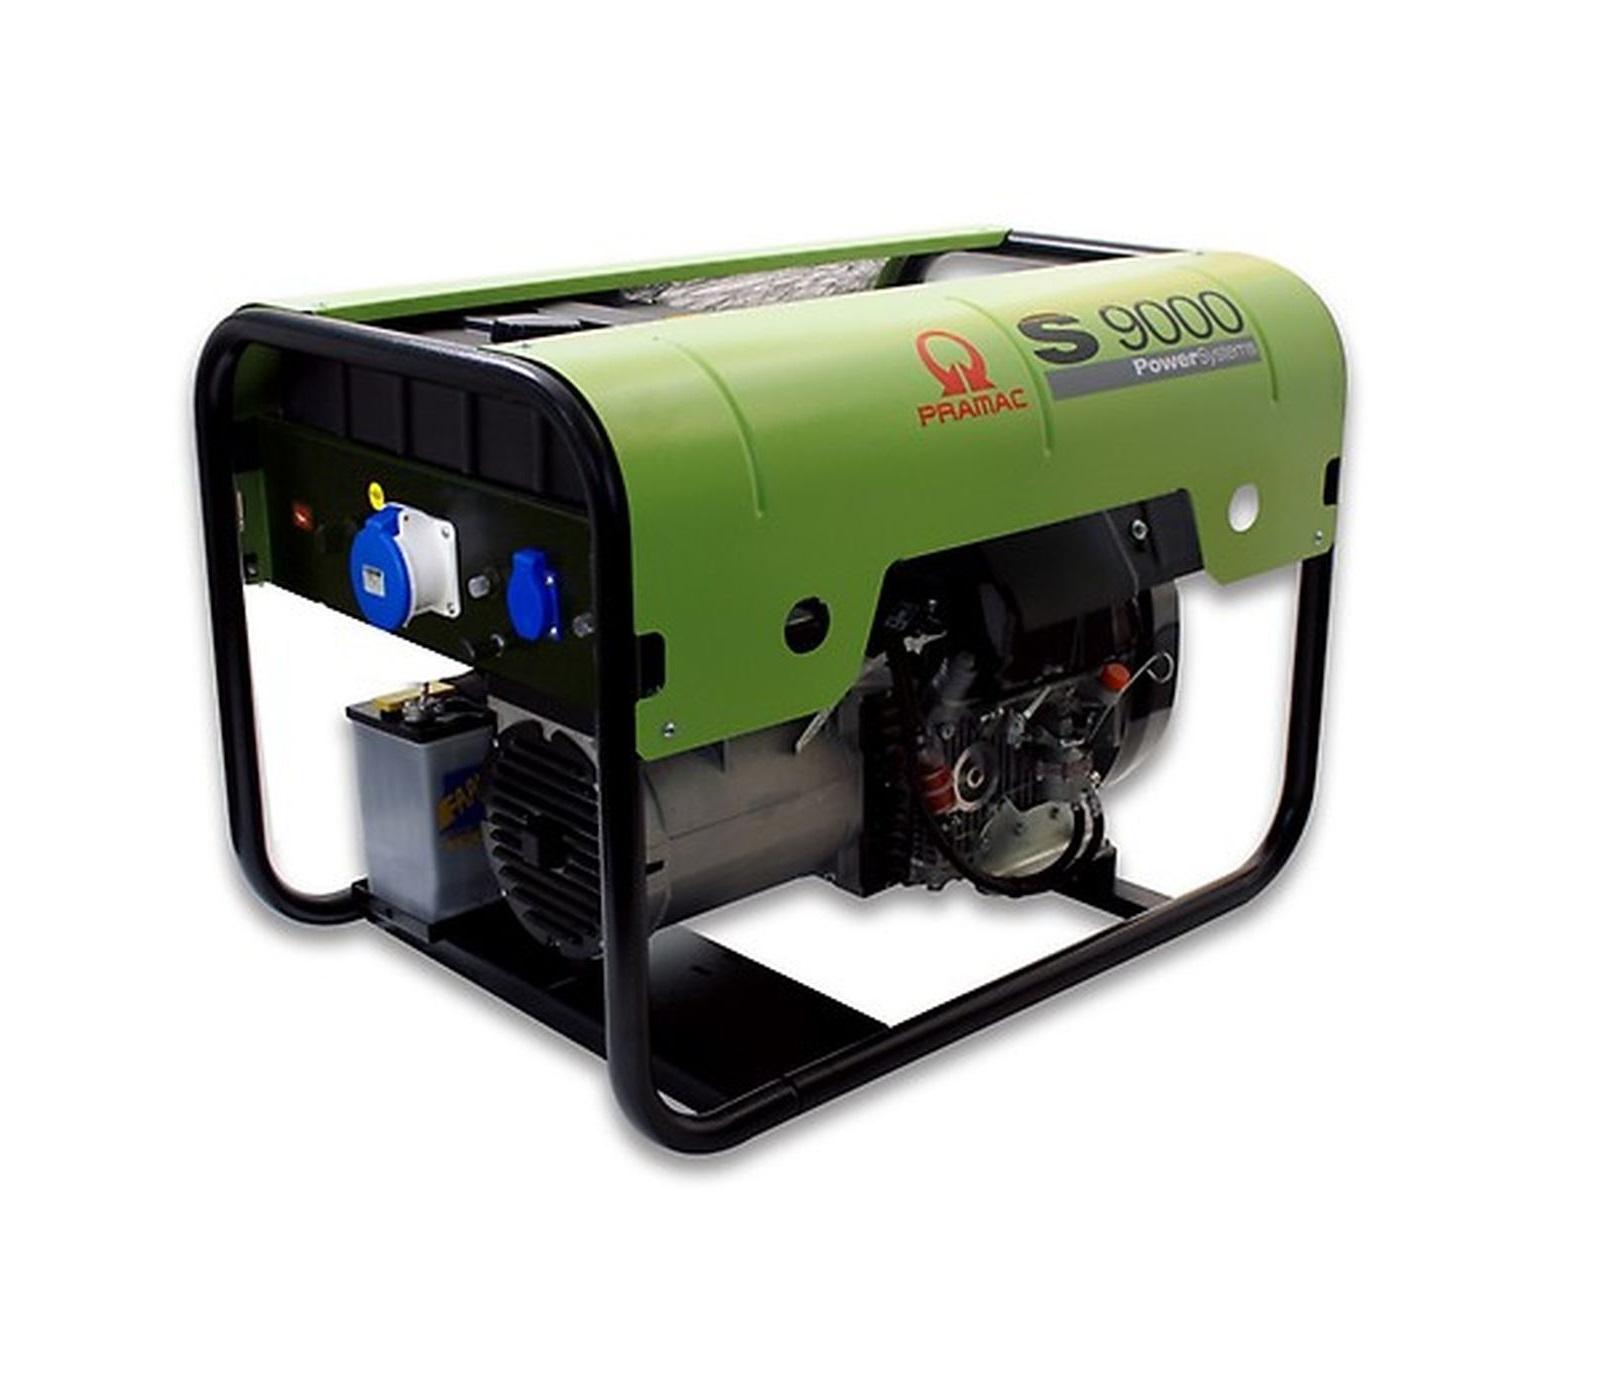 Дизельный генератор (электростанция) Pramac S9000, 230V, 50Hz